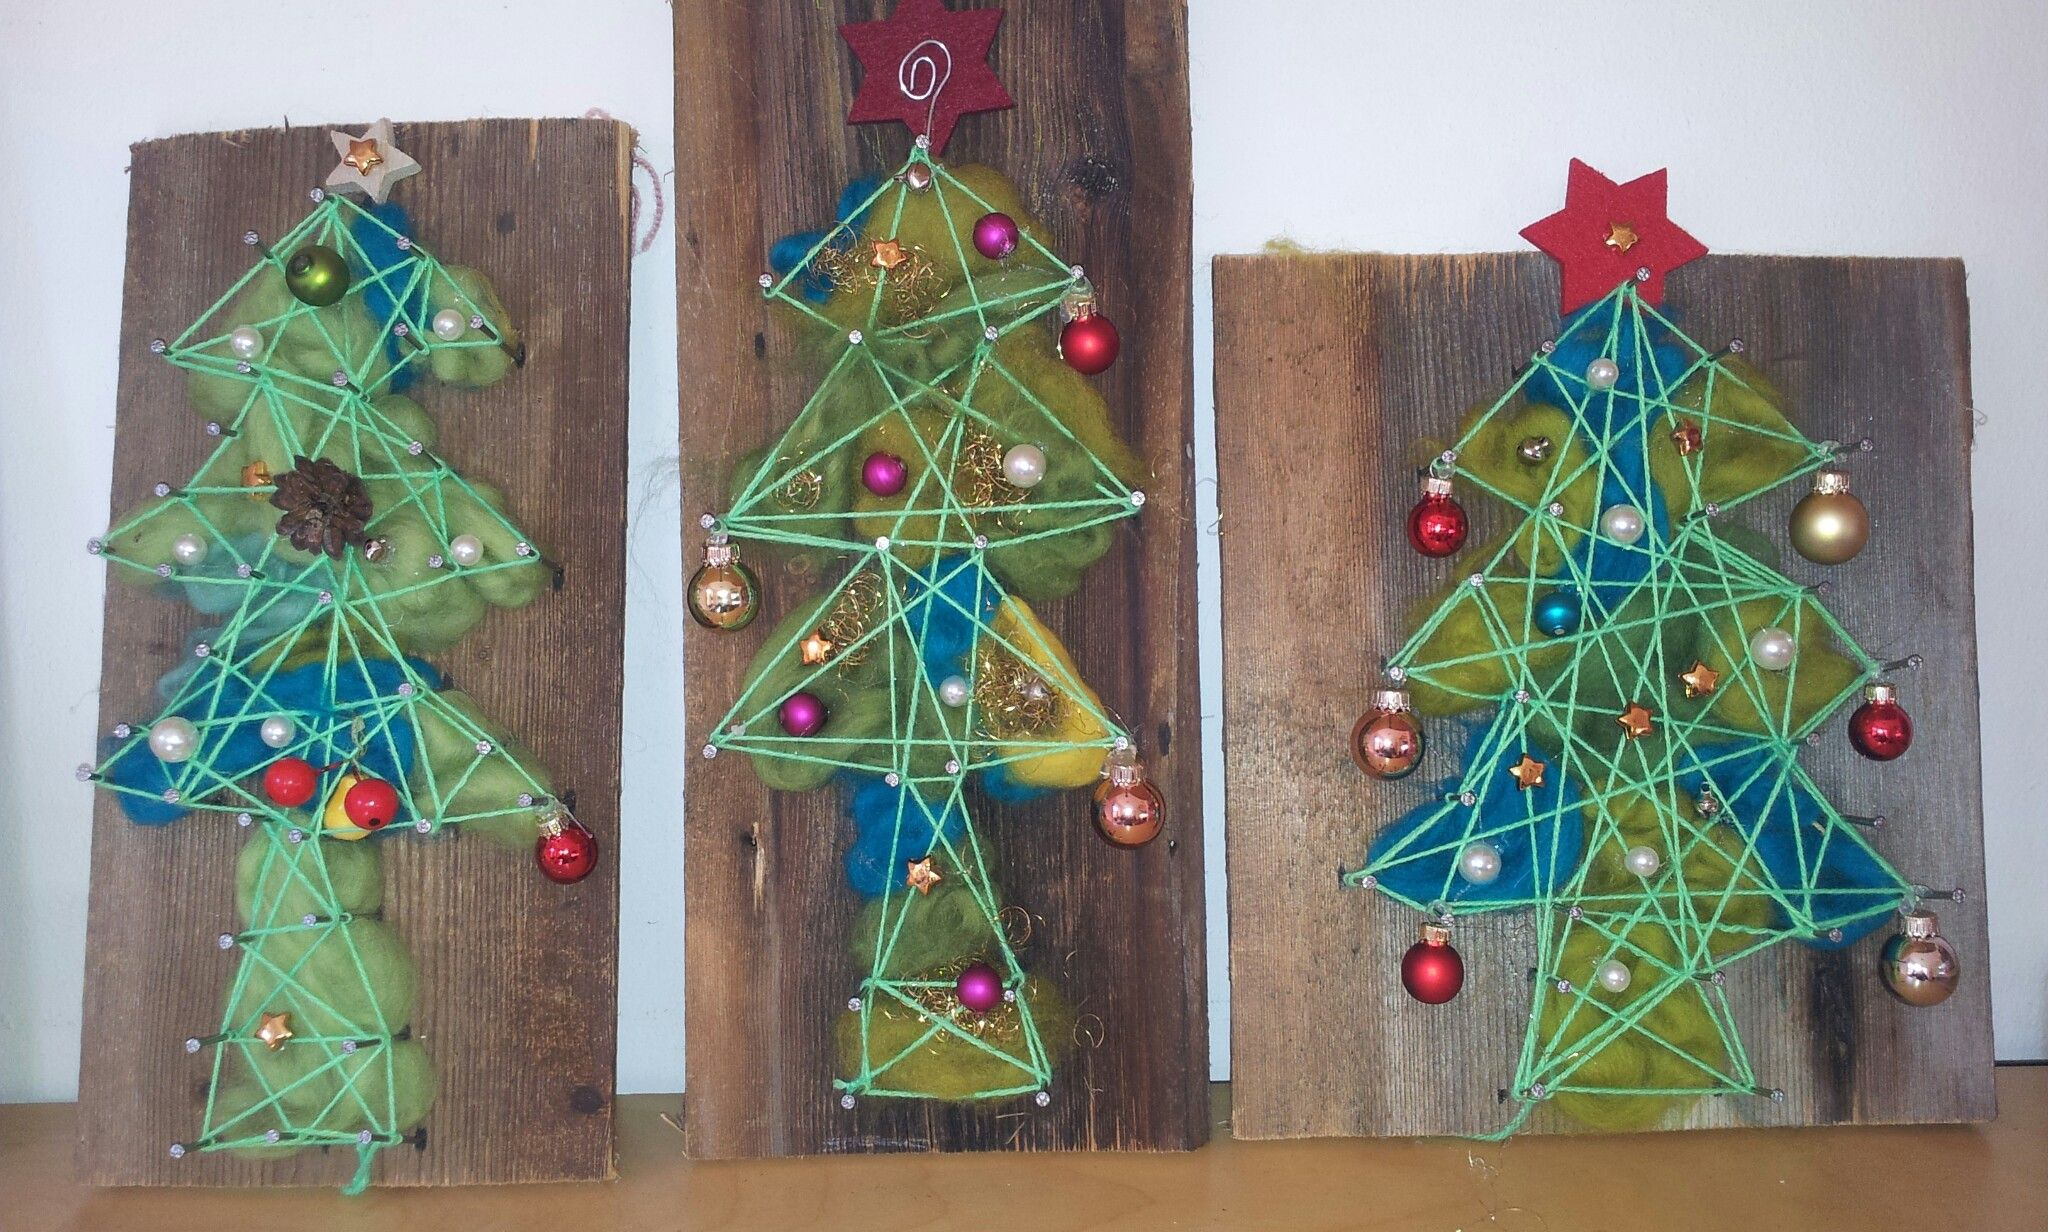 weihnachtsbaum christbaum auf einem st ck holz brett. Black Bedroom Furniture Sets. Home Design Ideas